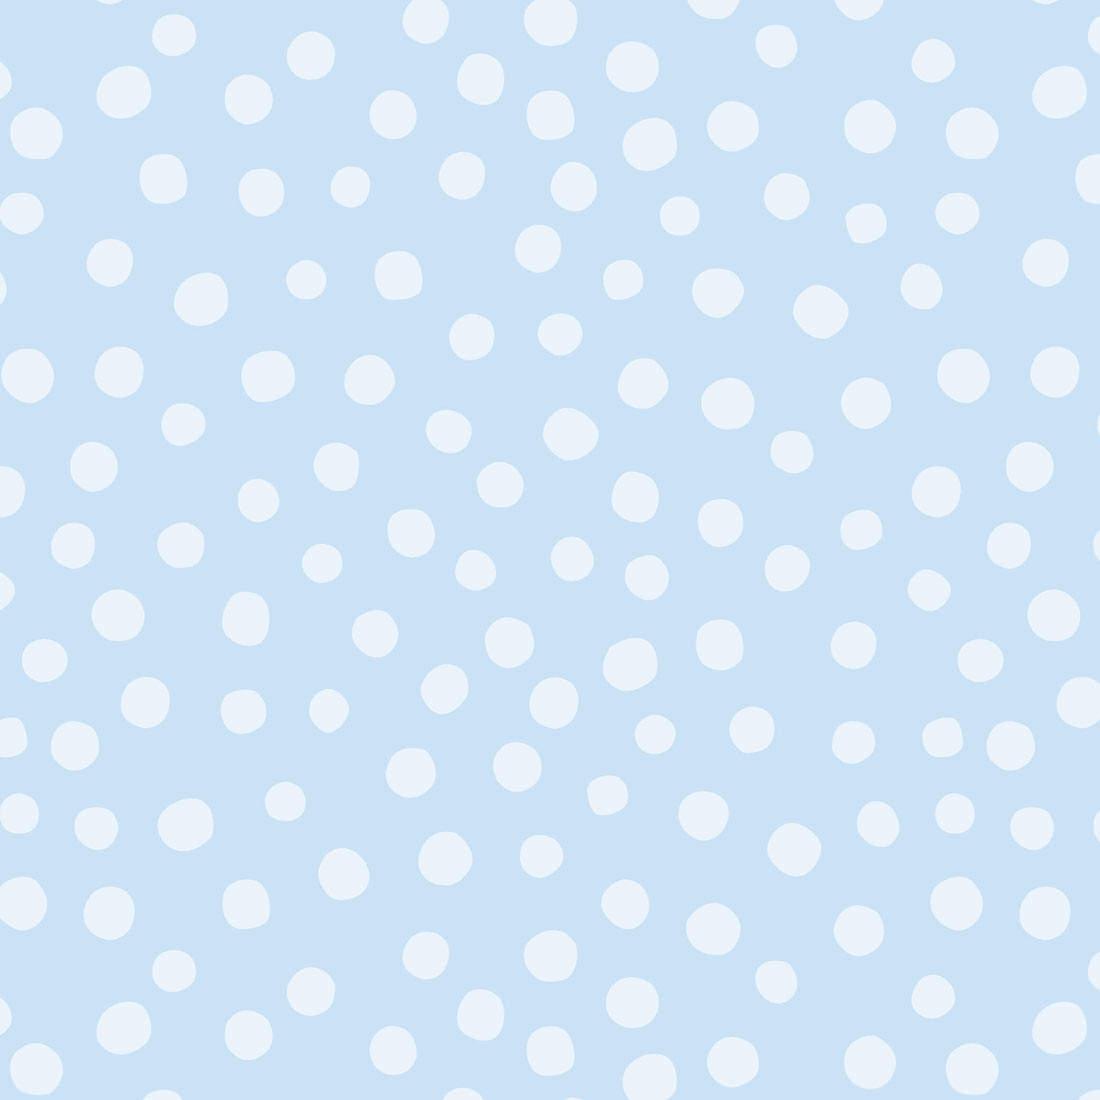 Papel de Parede Infantil Bolinhas Azuis - Nido